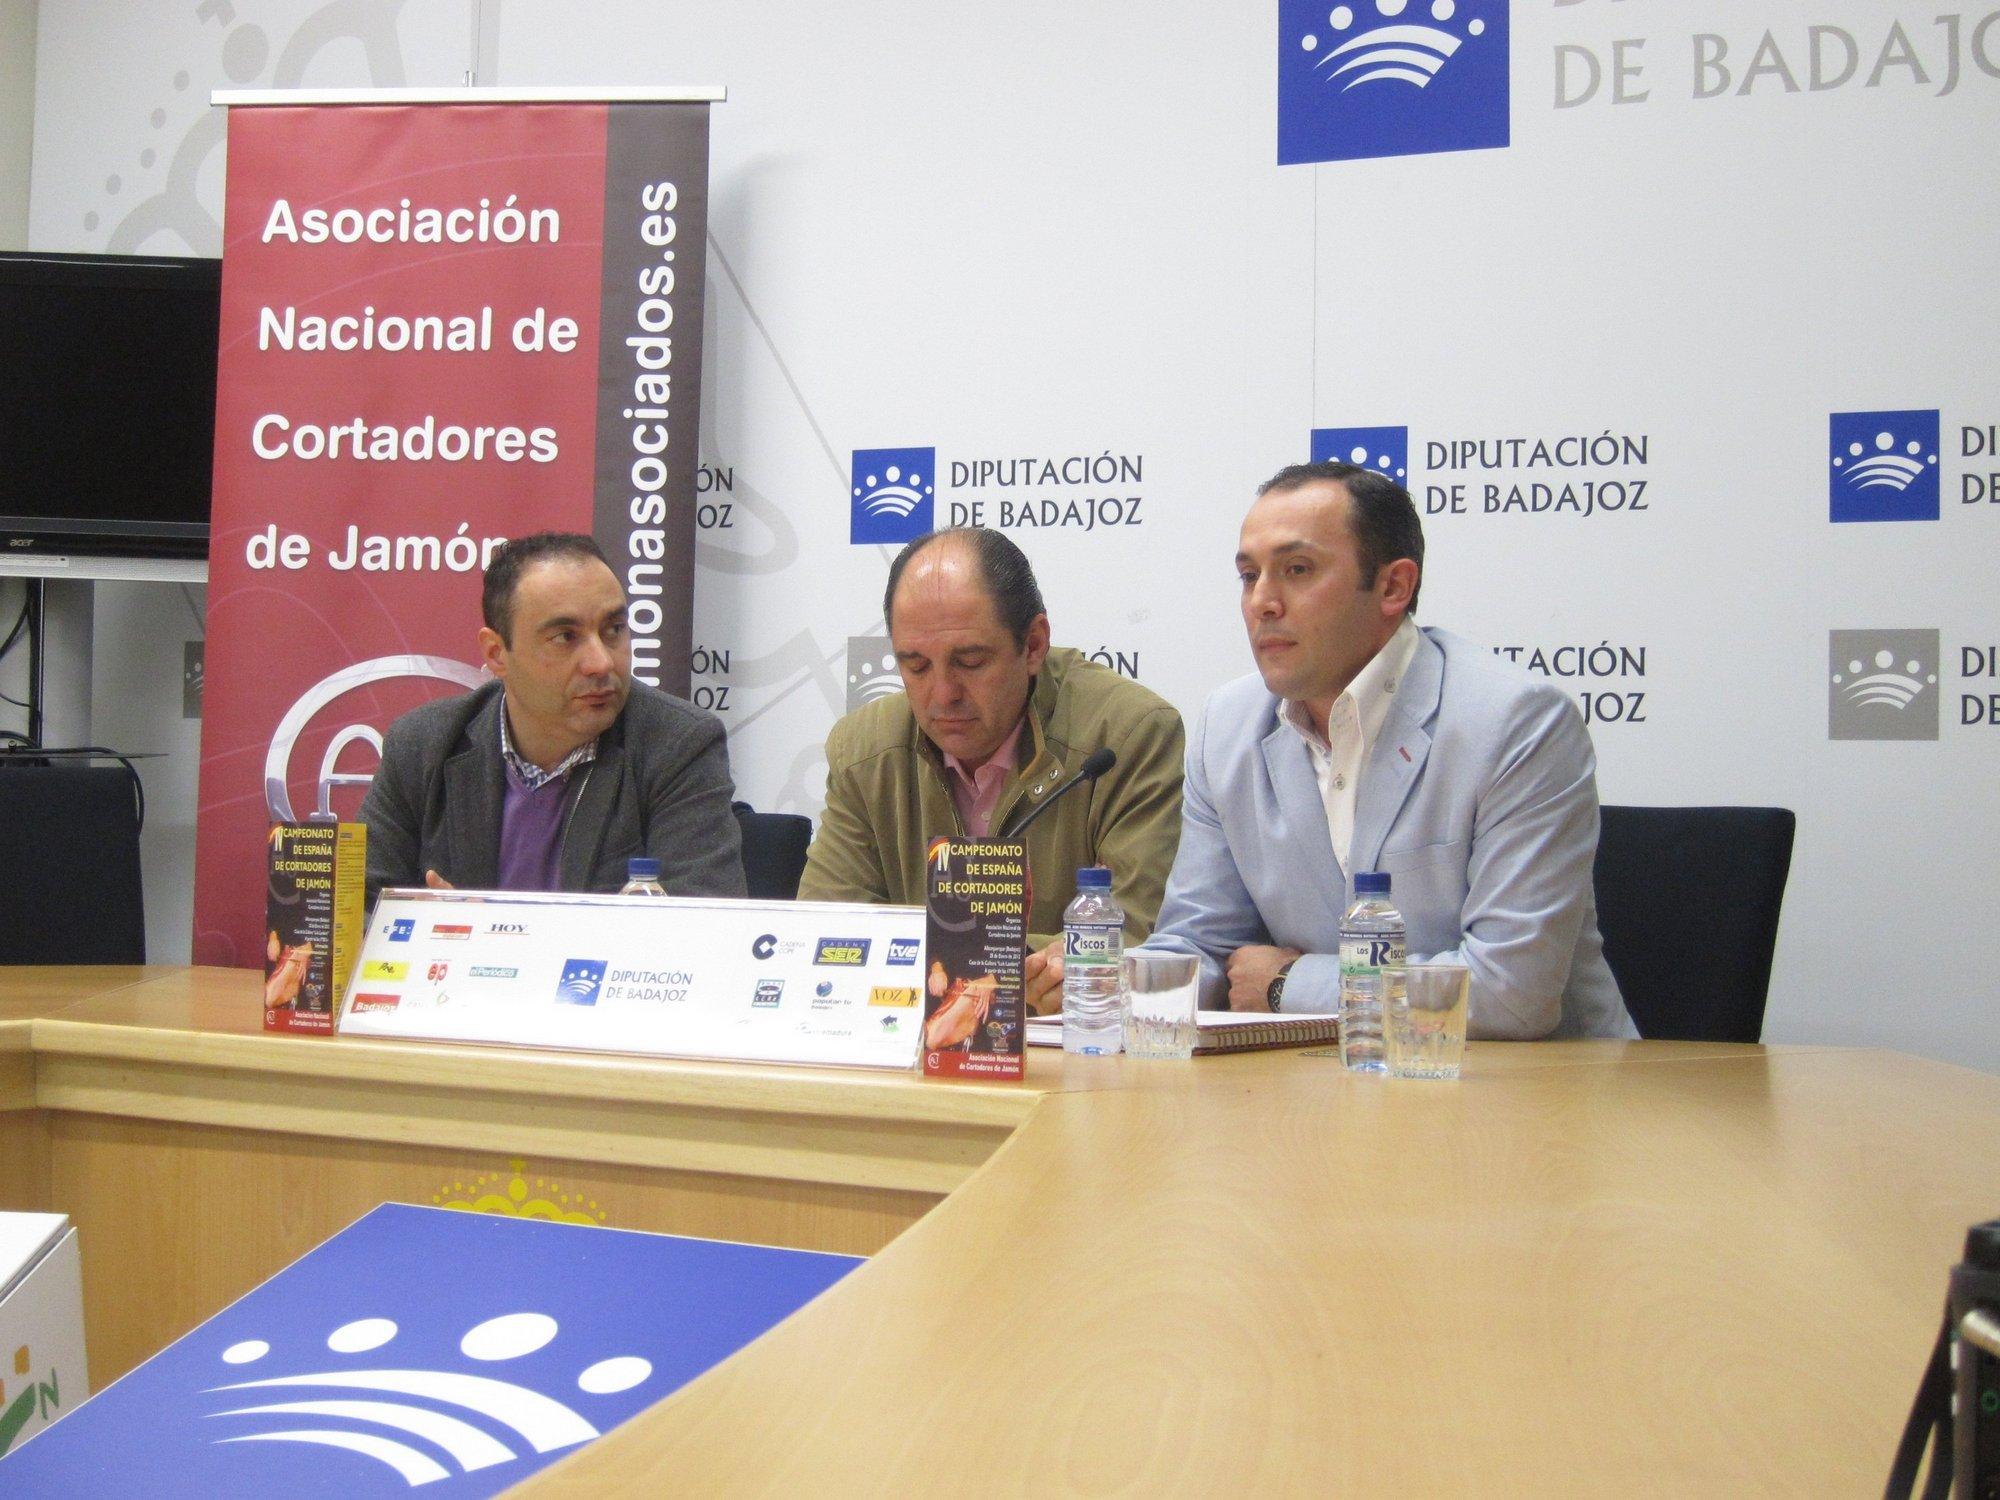 Siete cortadores de jamón disputan en Alburquerque el IV Campeonato de España de esta técnica